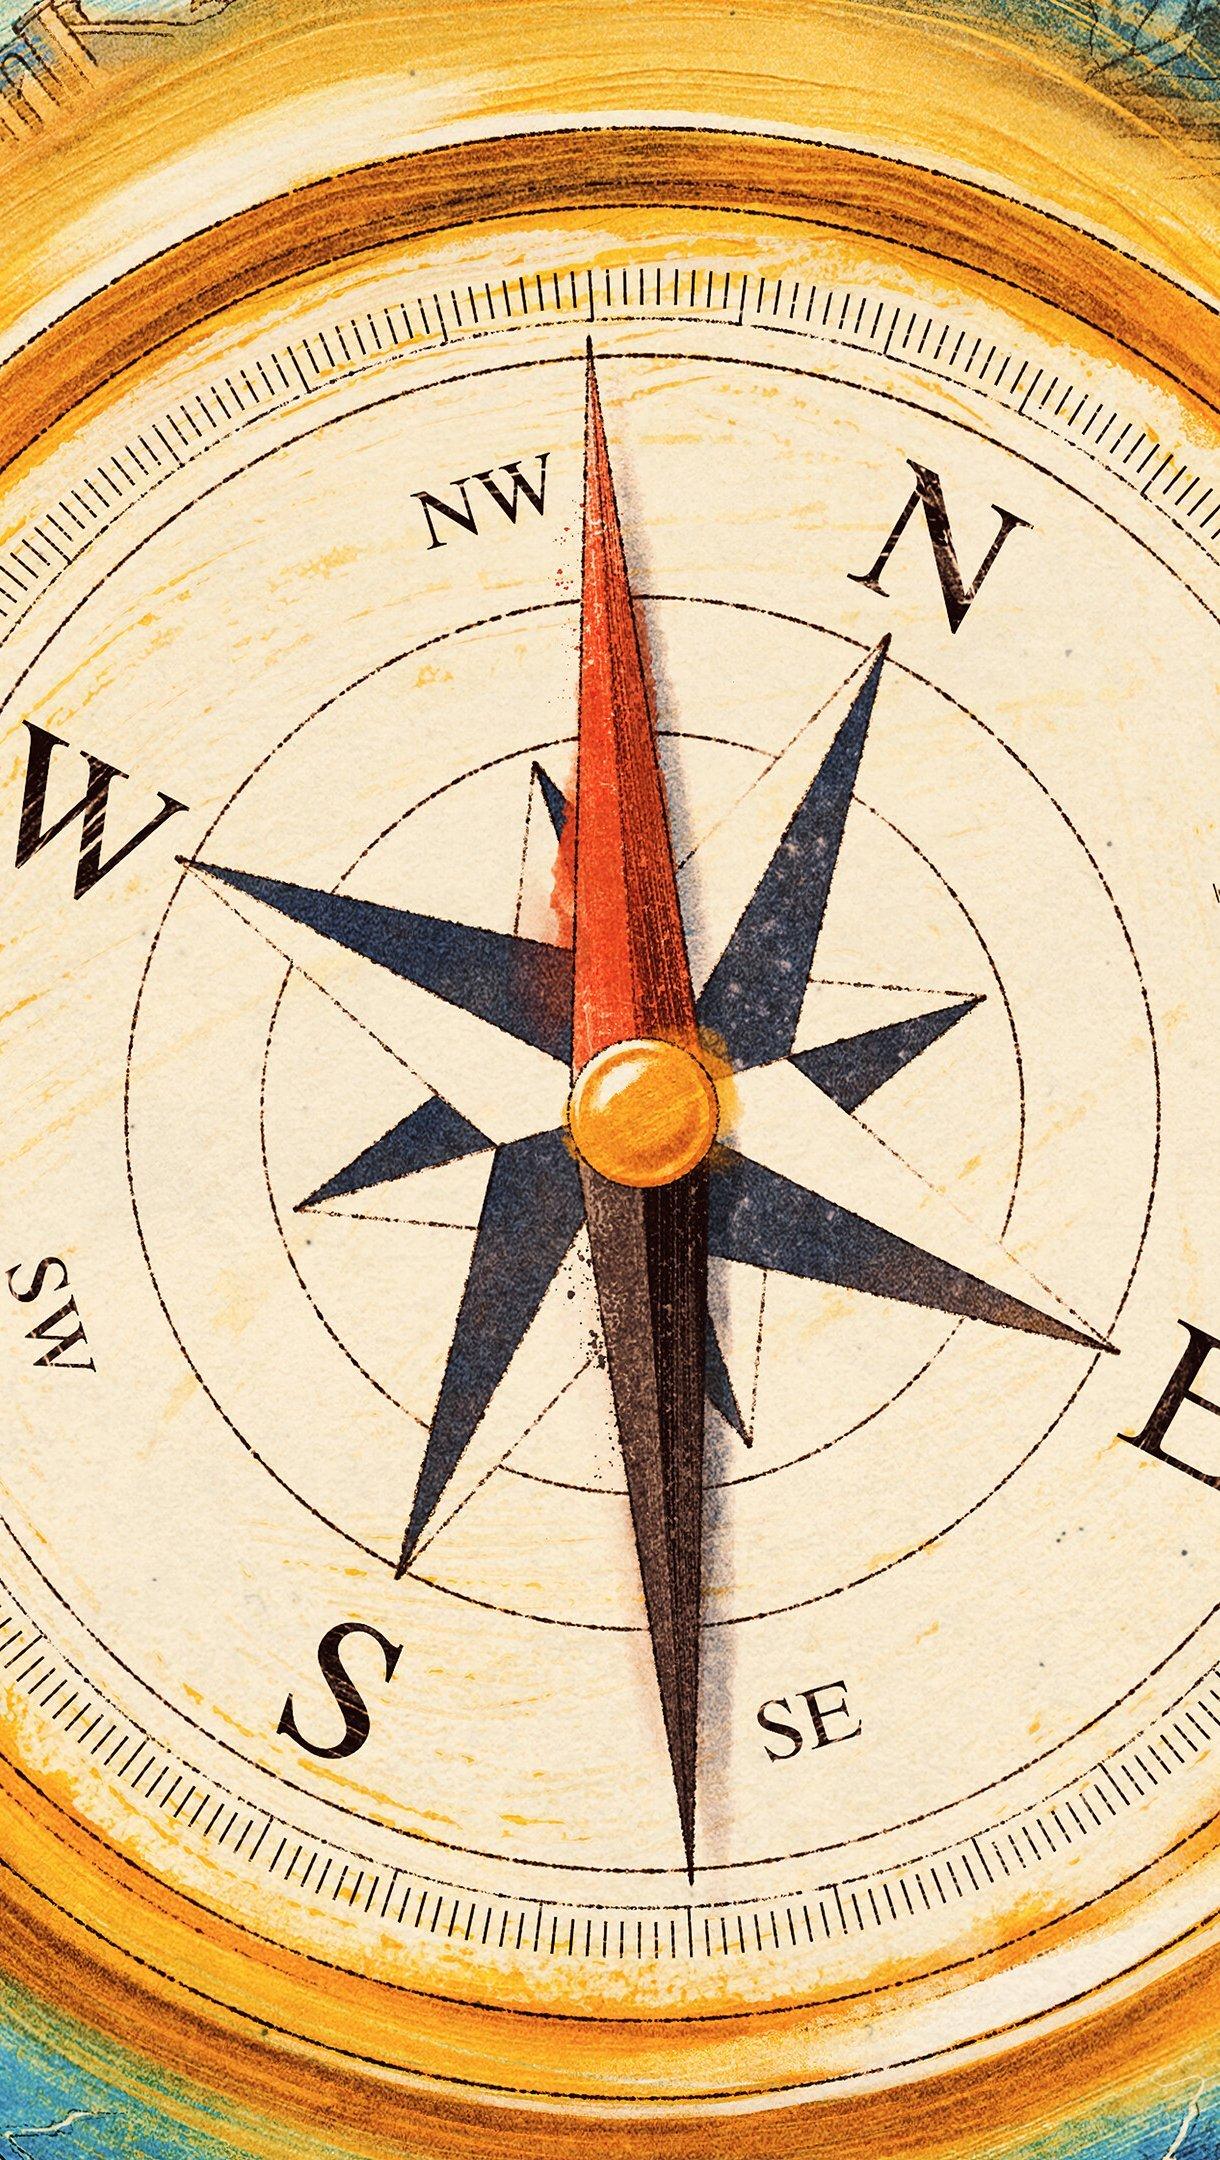 Wallpaper Compass directions Digital Art Vertical